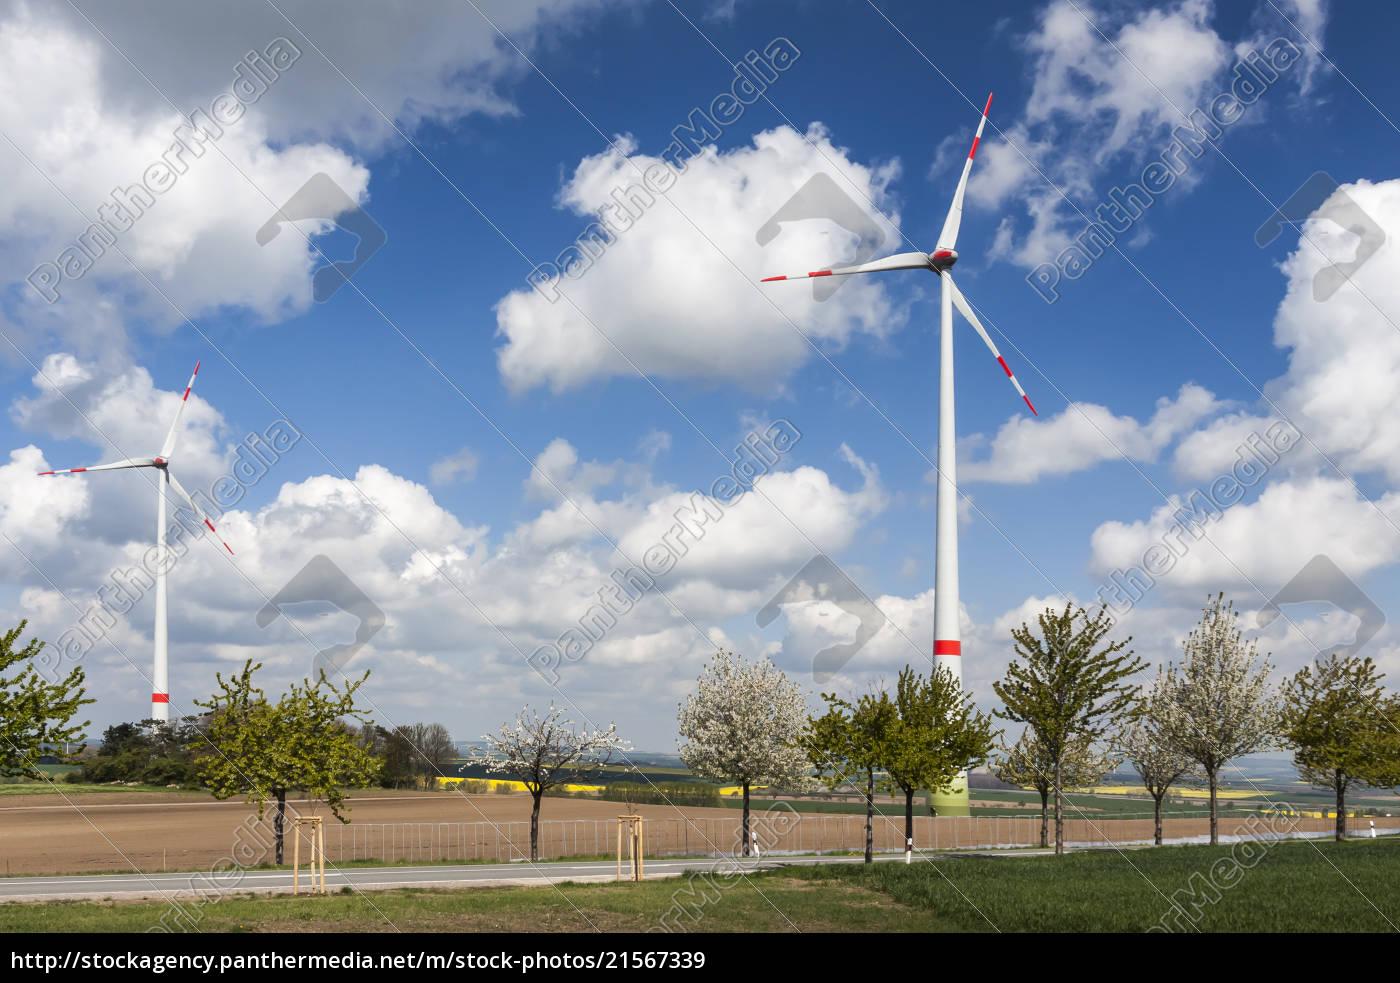 windkraftanlagen, an, einer, landstraße. - 21567339